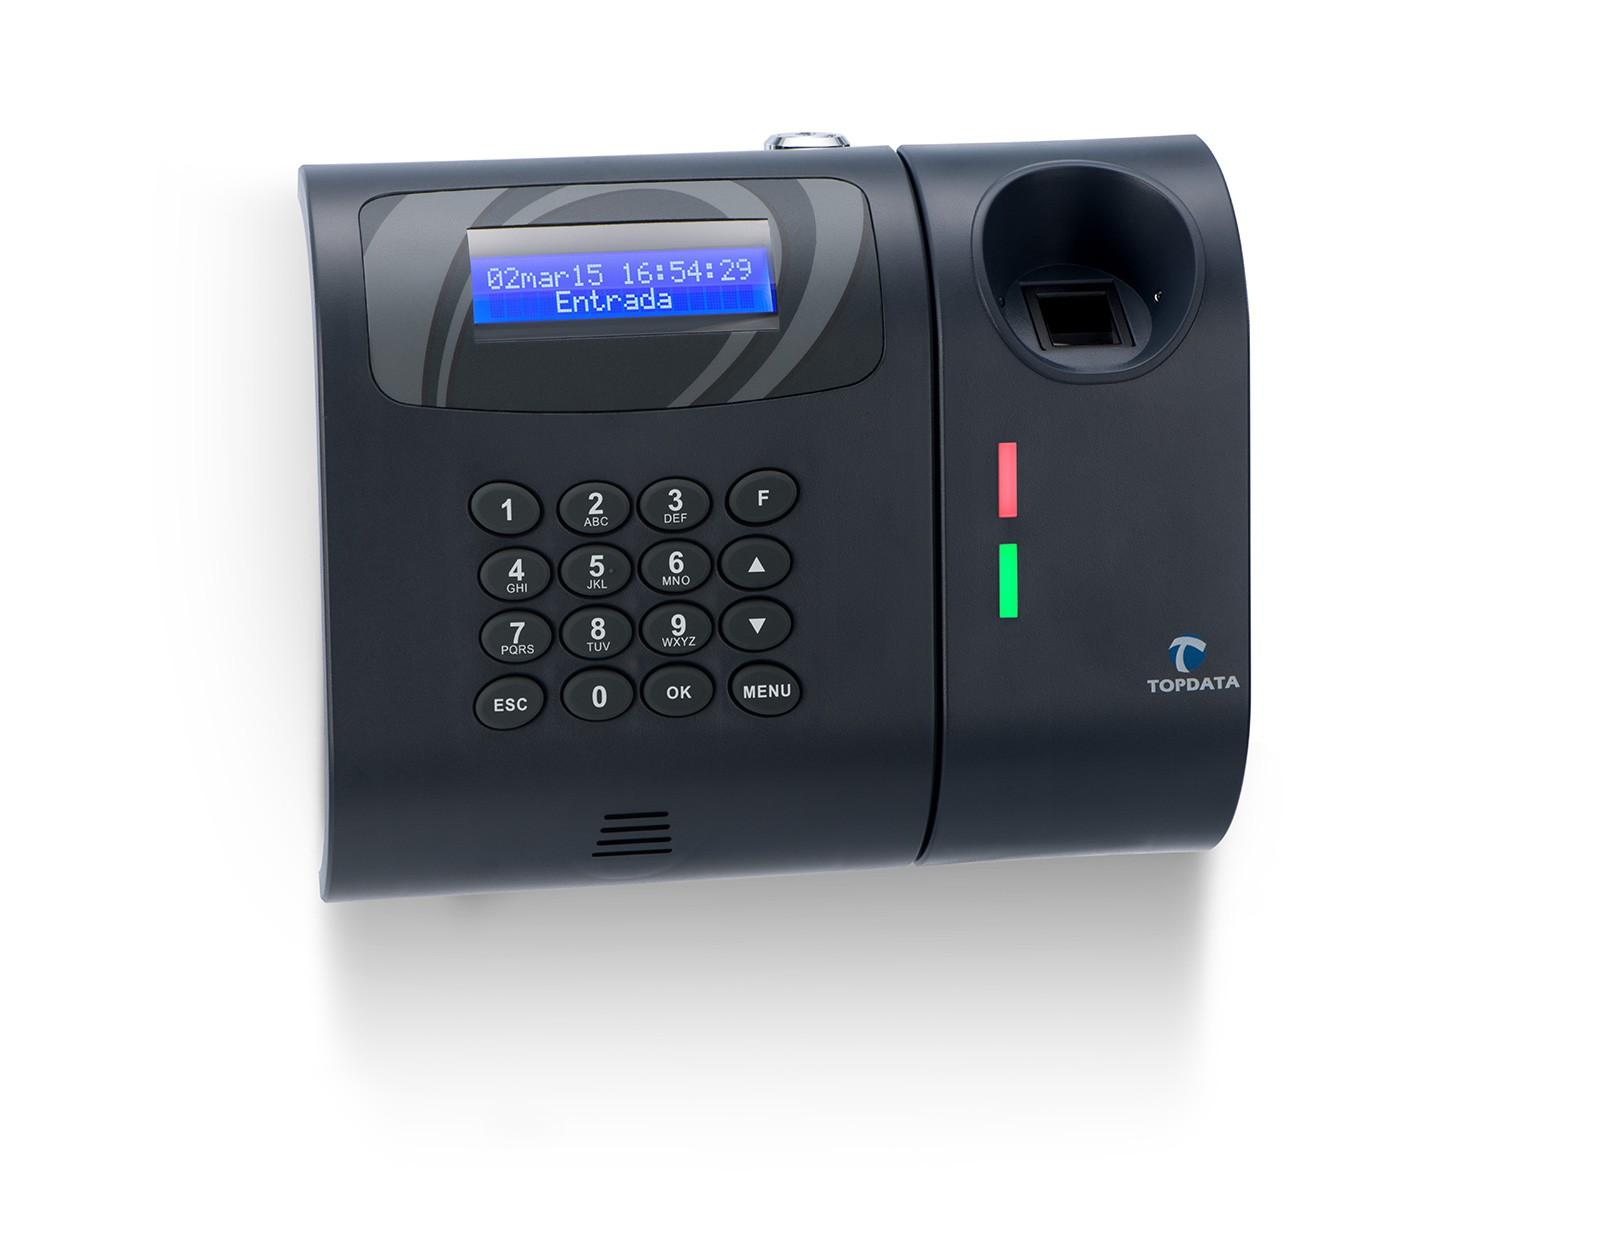 Controlador de Acesso Inner Acesso Topdata